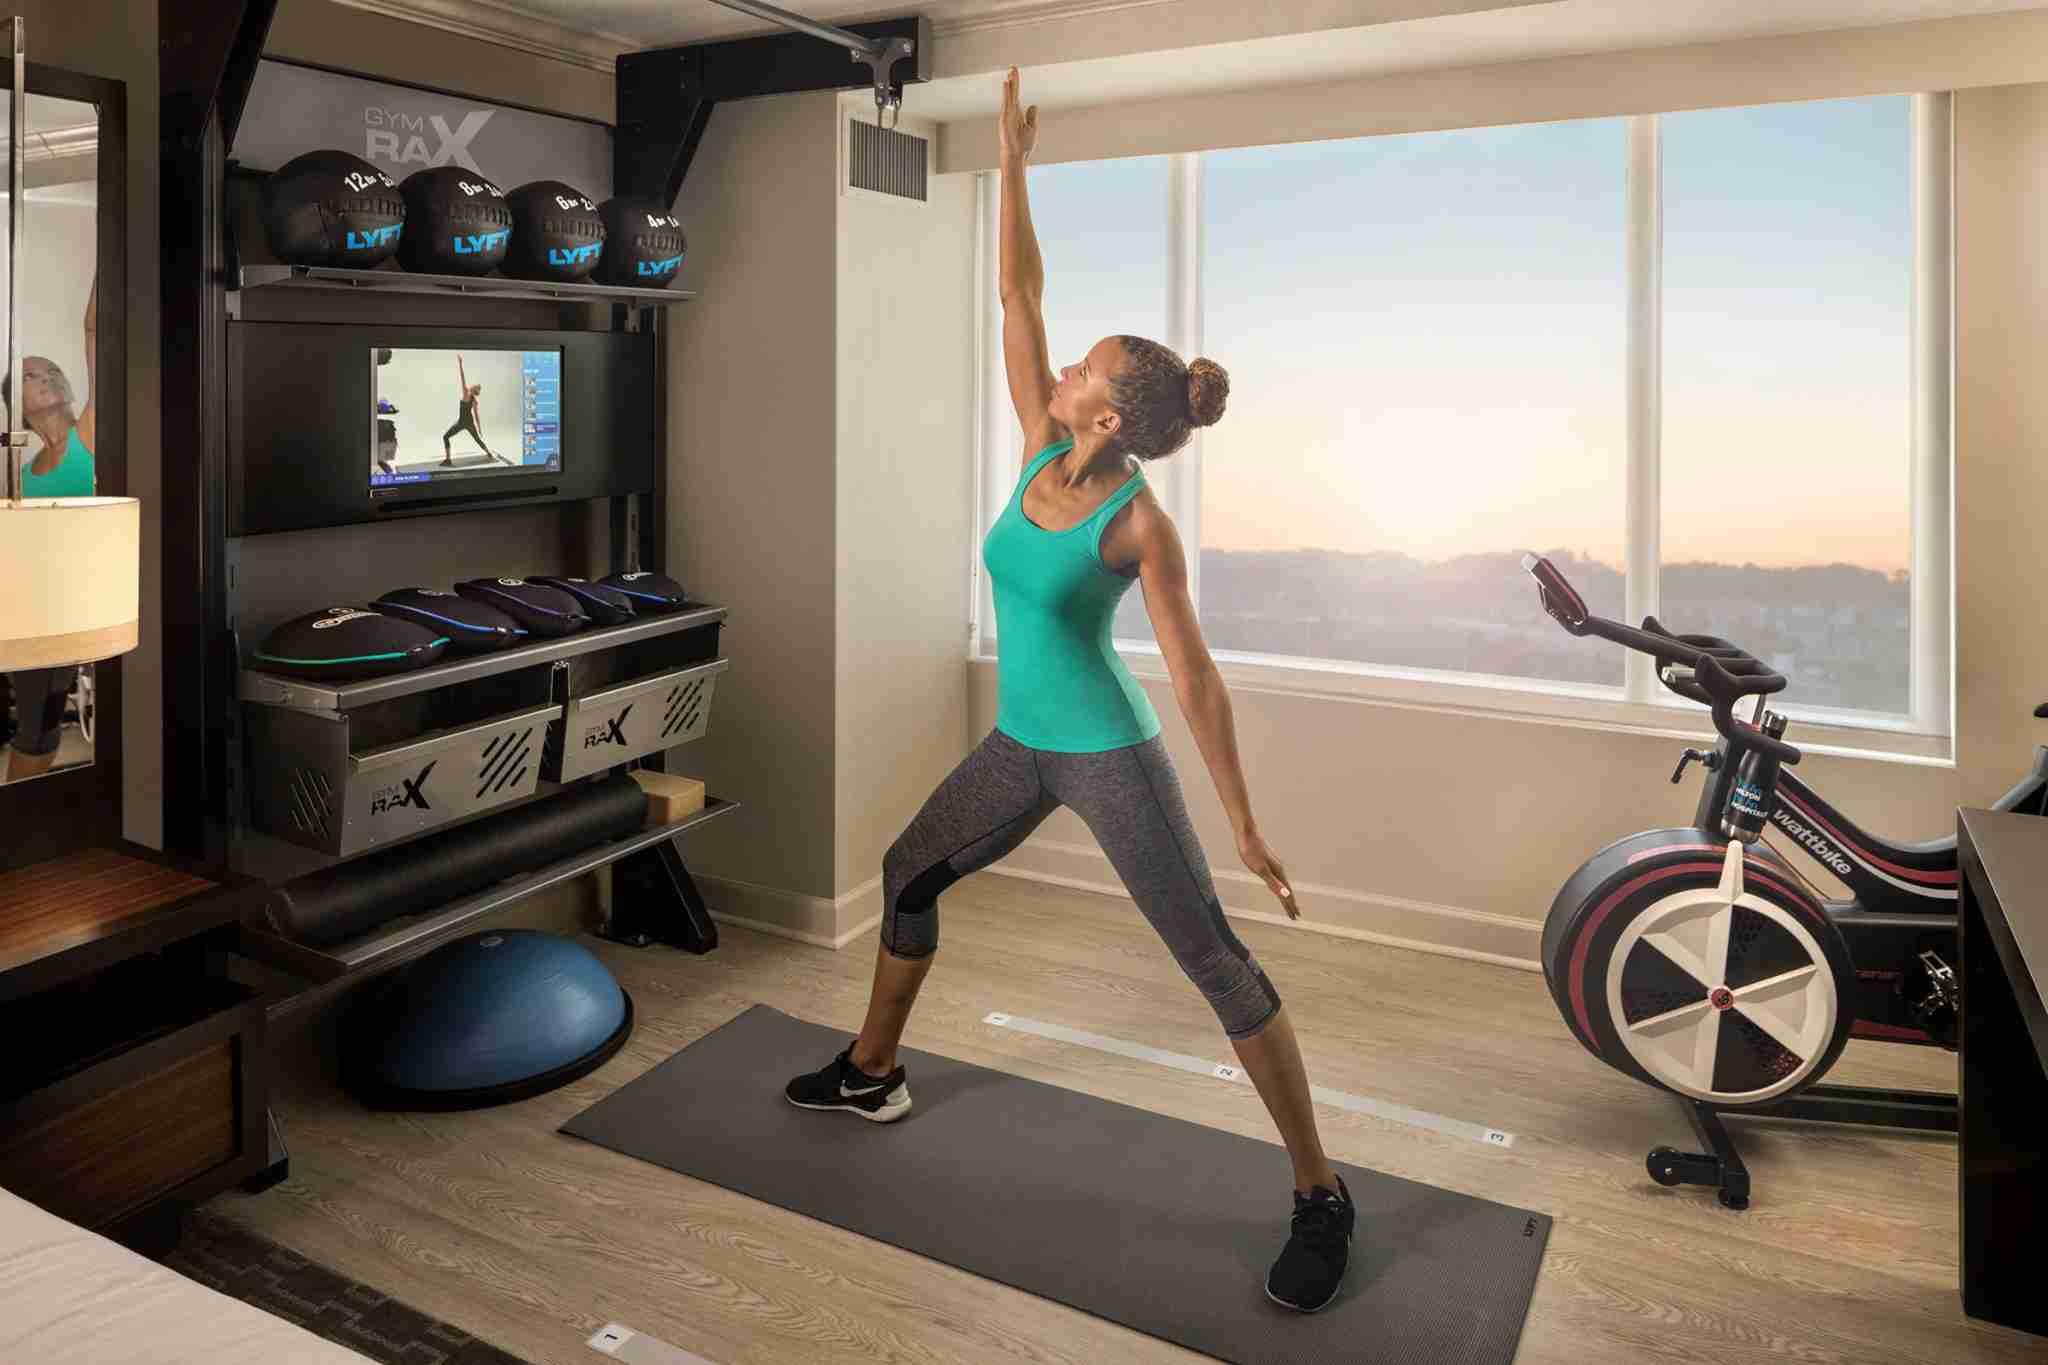 HiltonFitnessRoom_Yoga